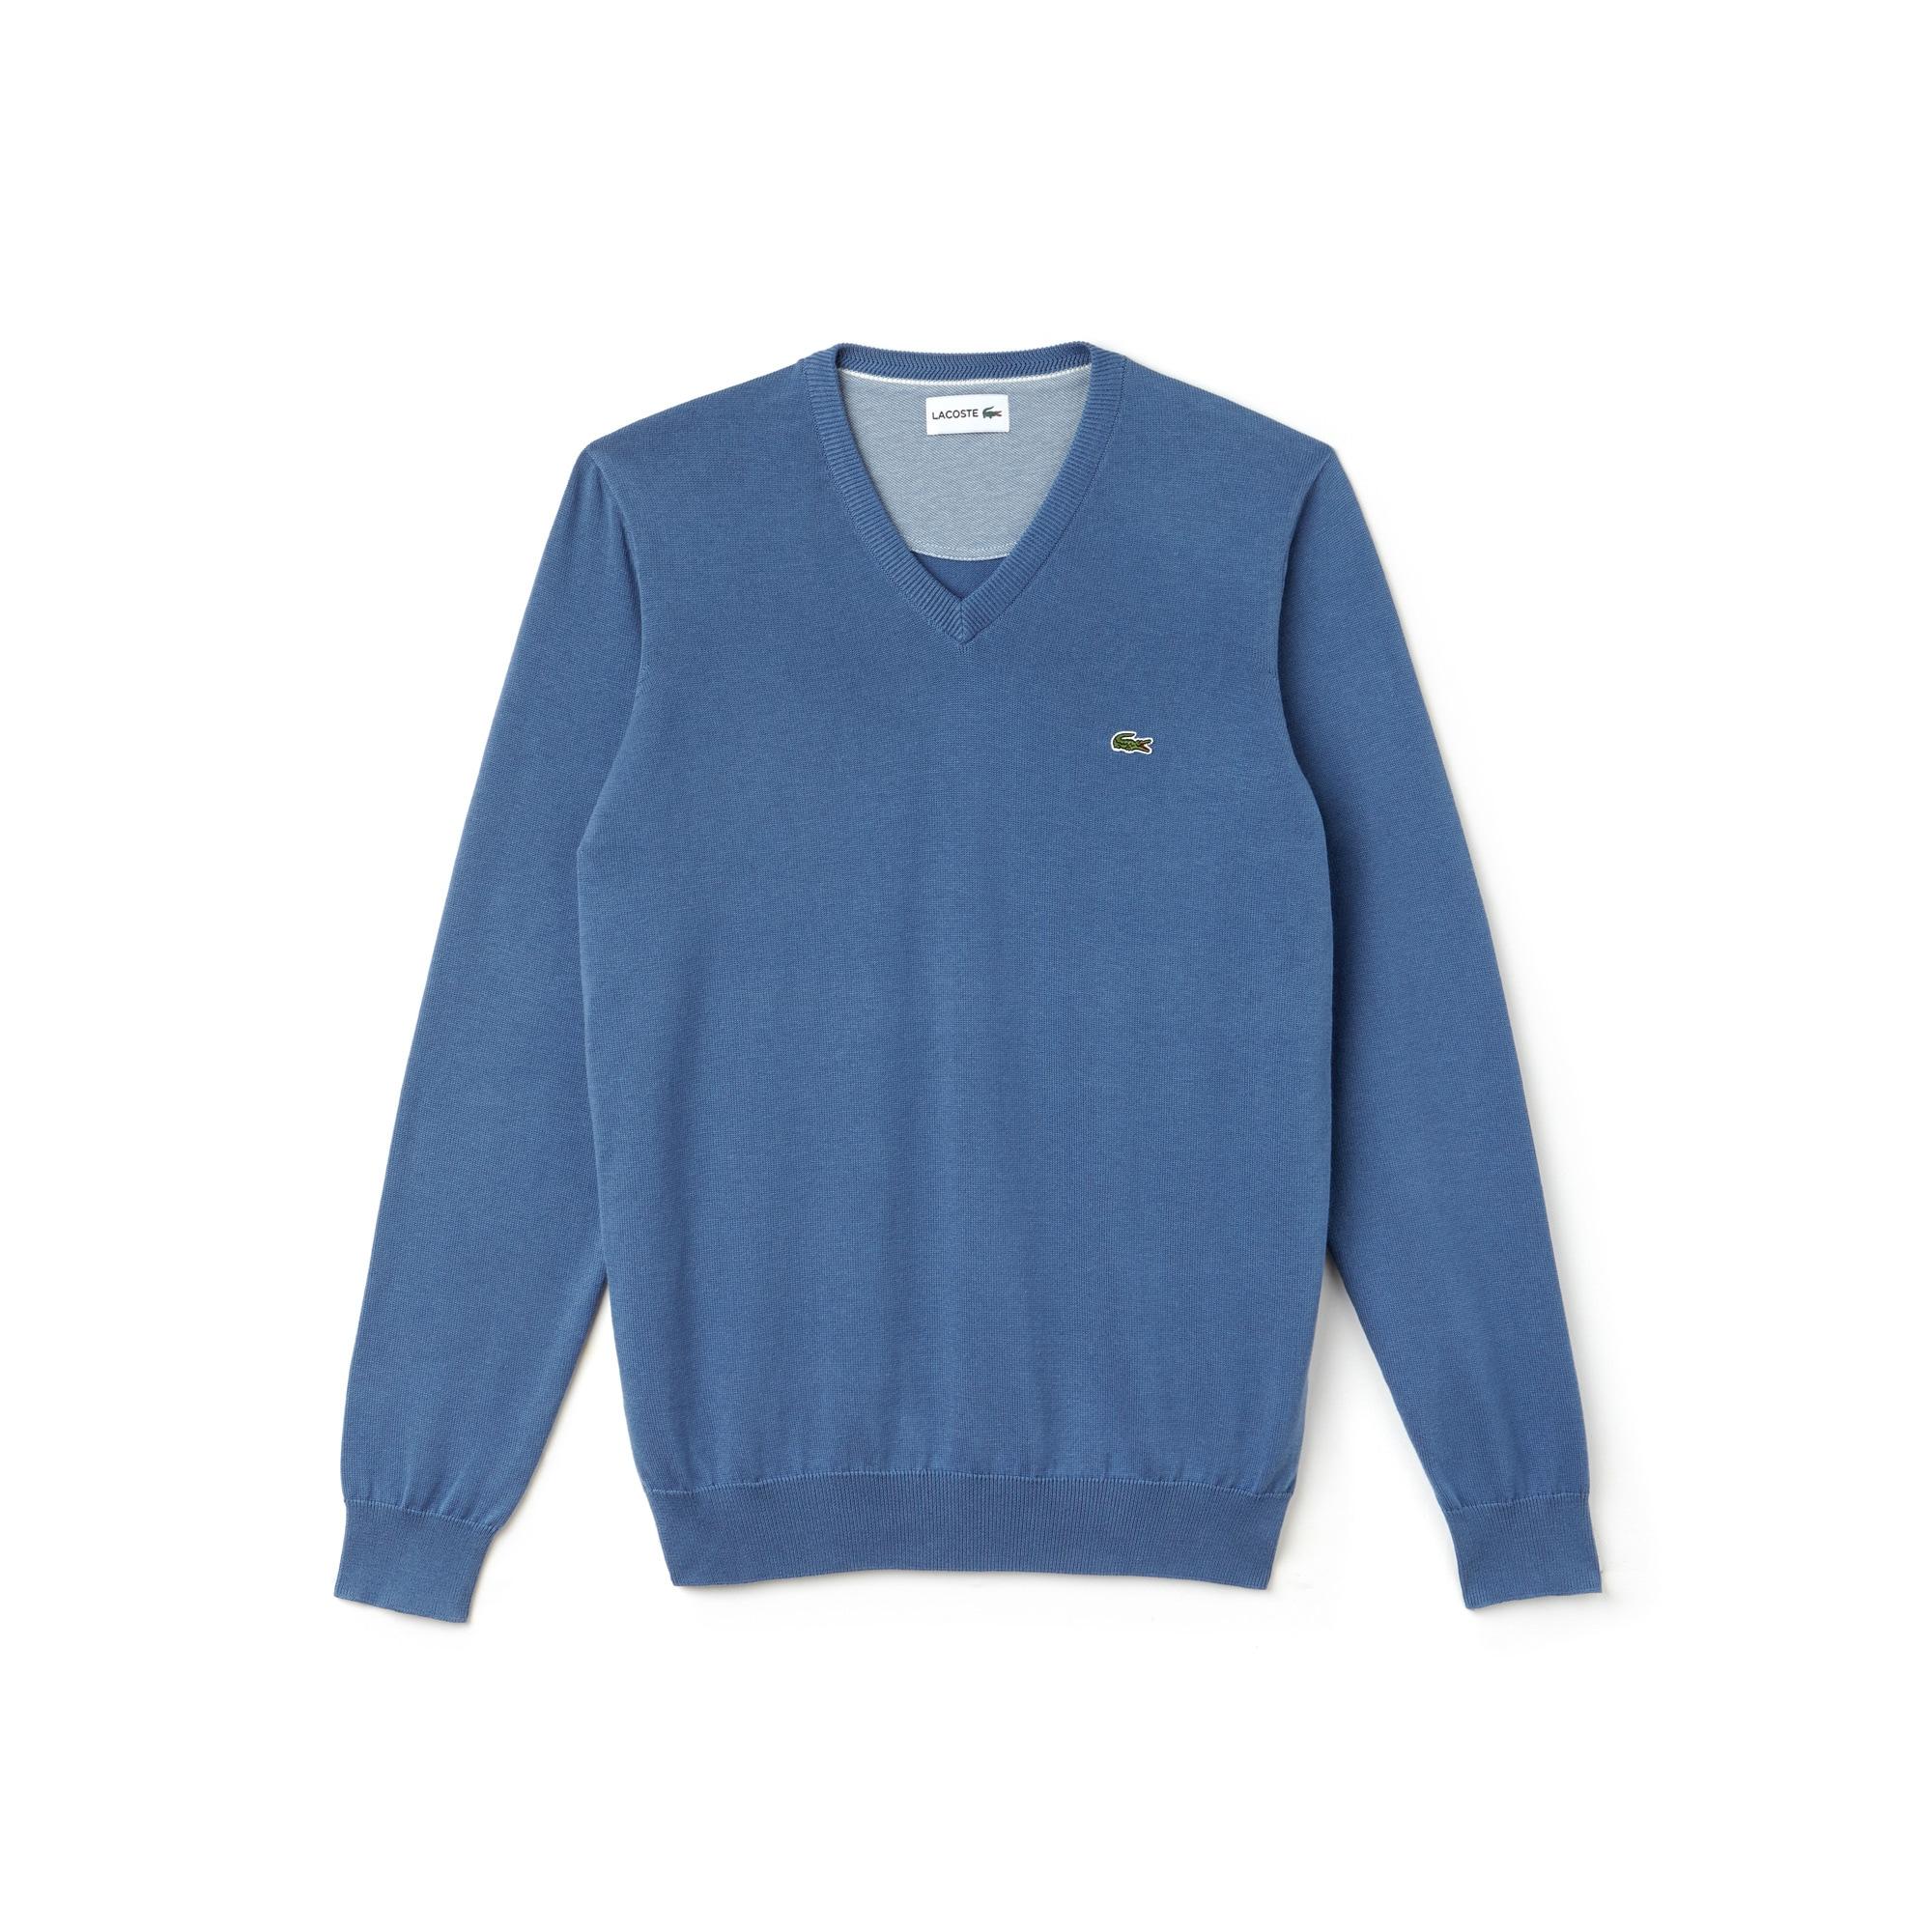 Herren-Pullover aus Baumwolljersey-Kaviar-Piqué mit V-Ausschnitt